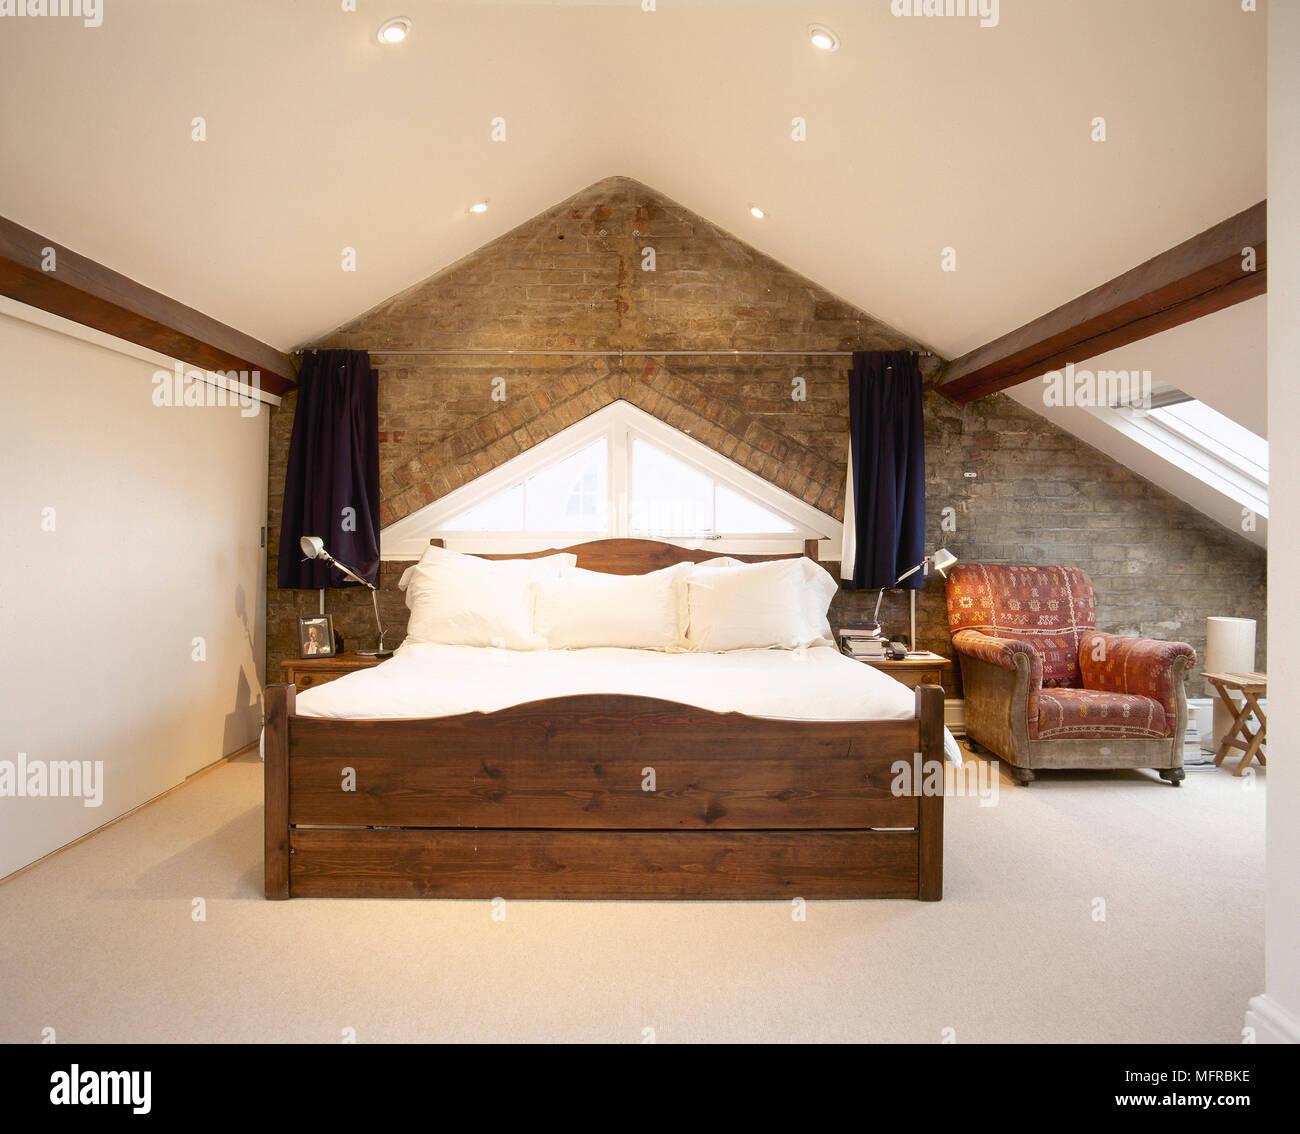 Bett Unter Dachschräge Komfort Schlafzimmer Ideen Mit: Dachschräge Schlafzimmer